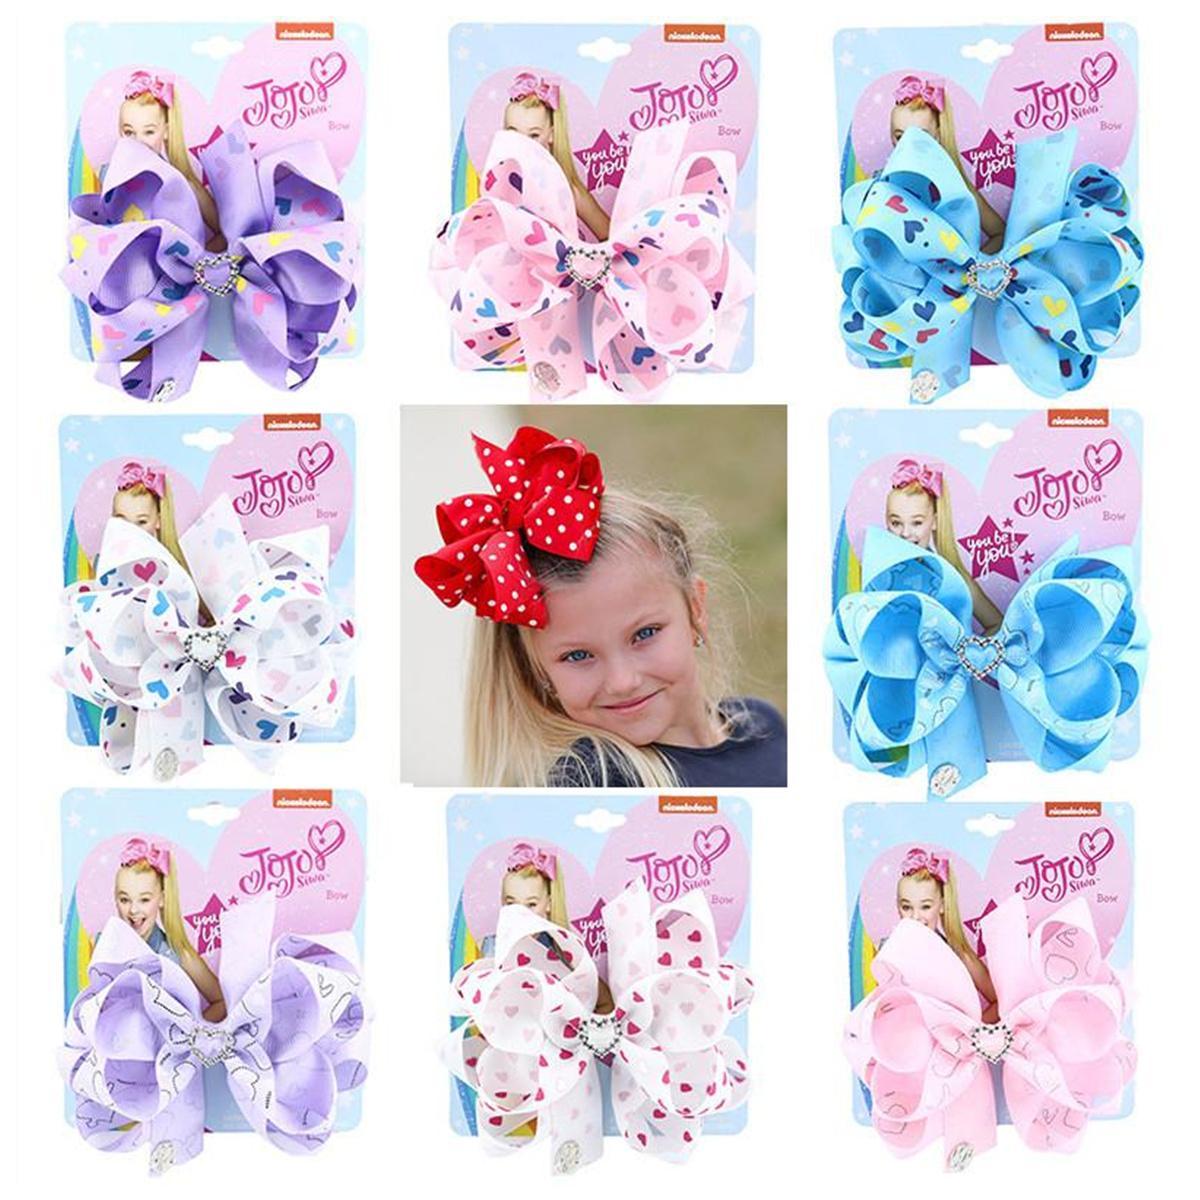 Мода Baby Siwa Луки Печать Праздники Кенсы Hair Love Сердце Закрытые Зажимы для волос Для Девочек Мода Головные Услуги Детские Аксессуары для волос Подарки